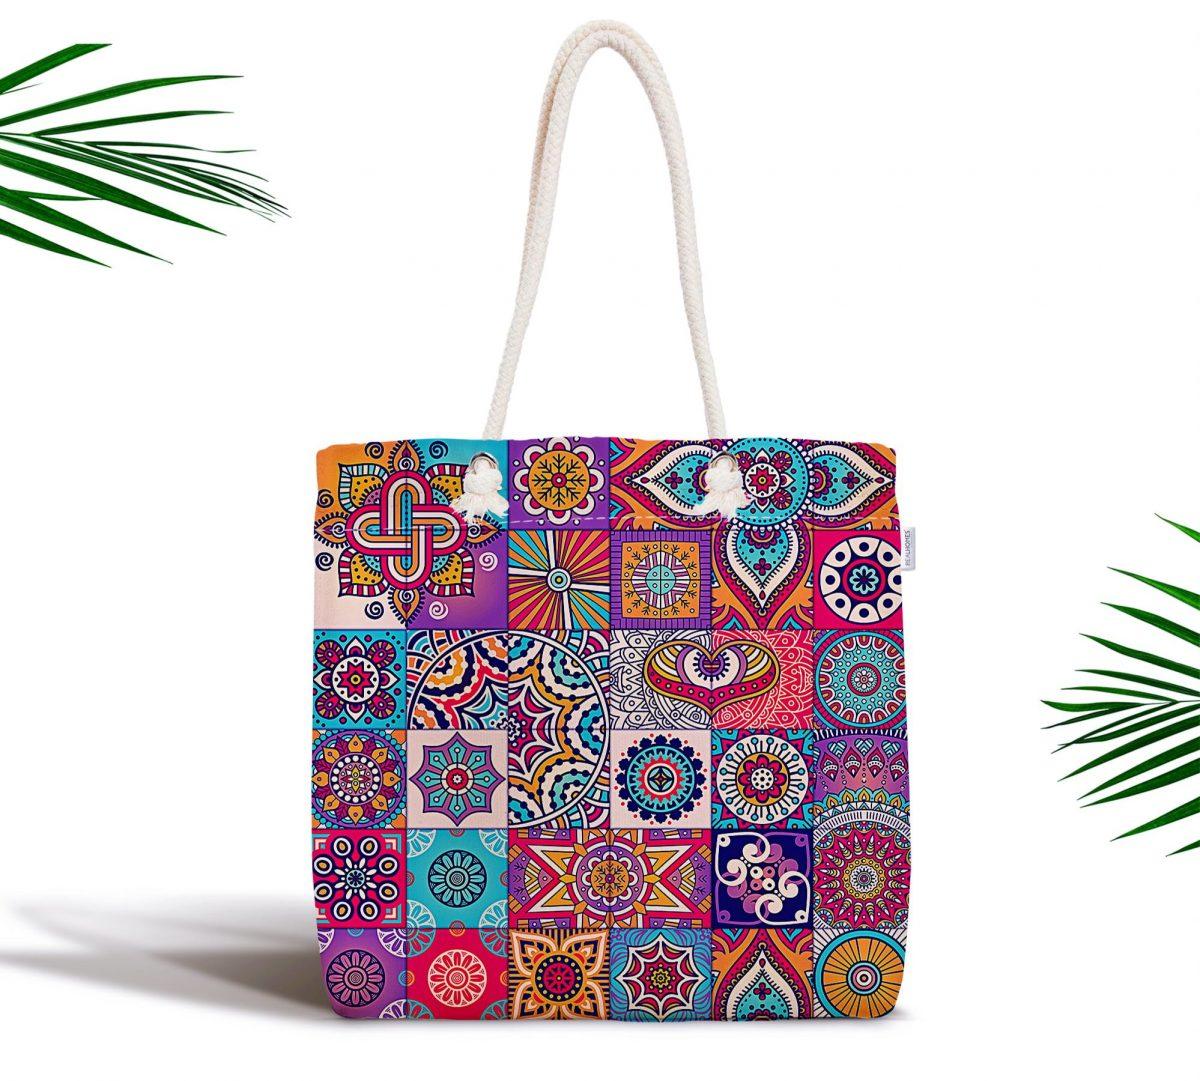 Mozaik Desenli Özel Tasarımlı Fermuarlı Dijital Baskılı Kumaş Çanta Realhomes